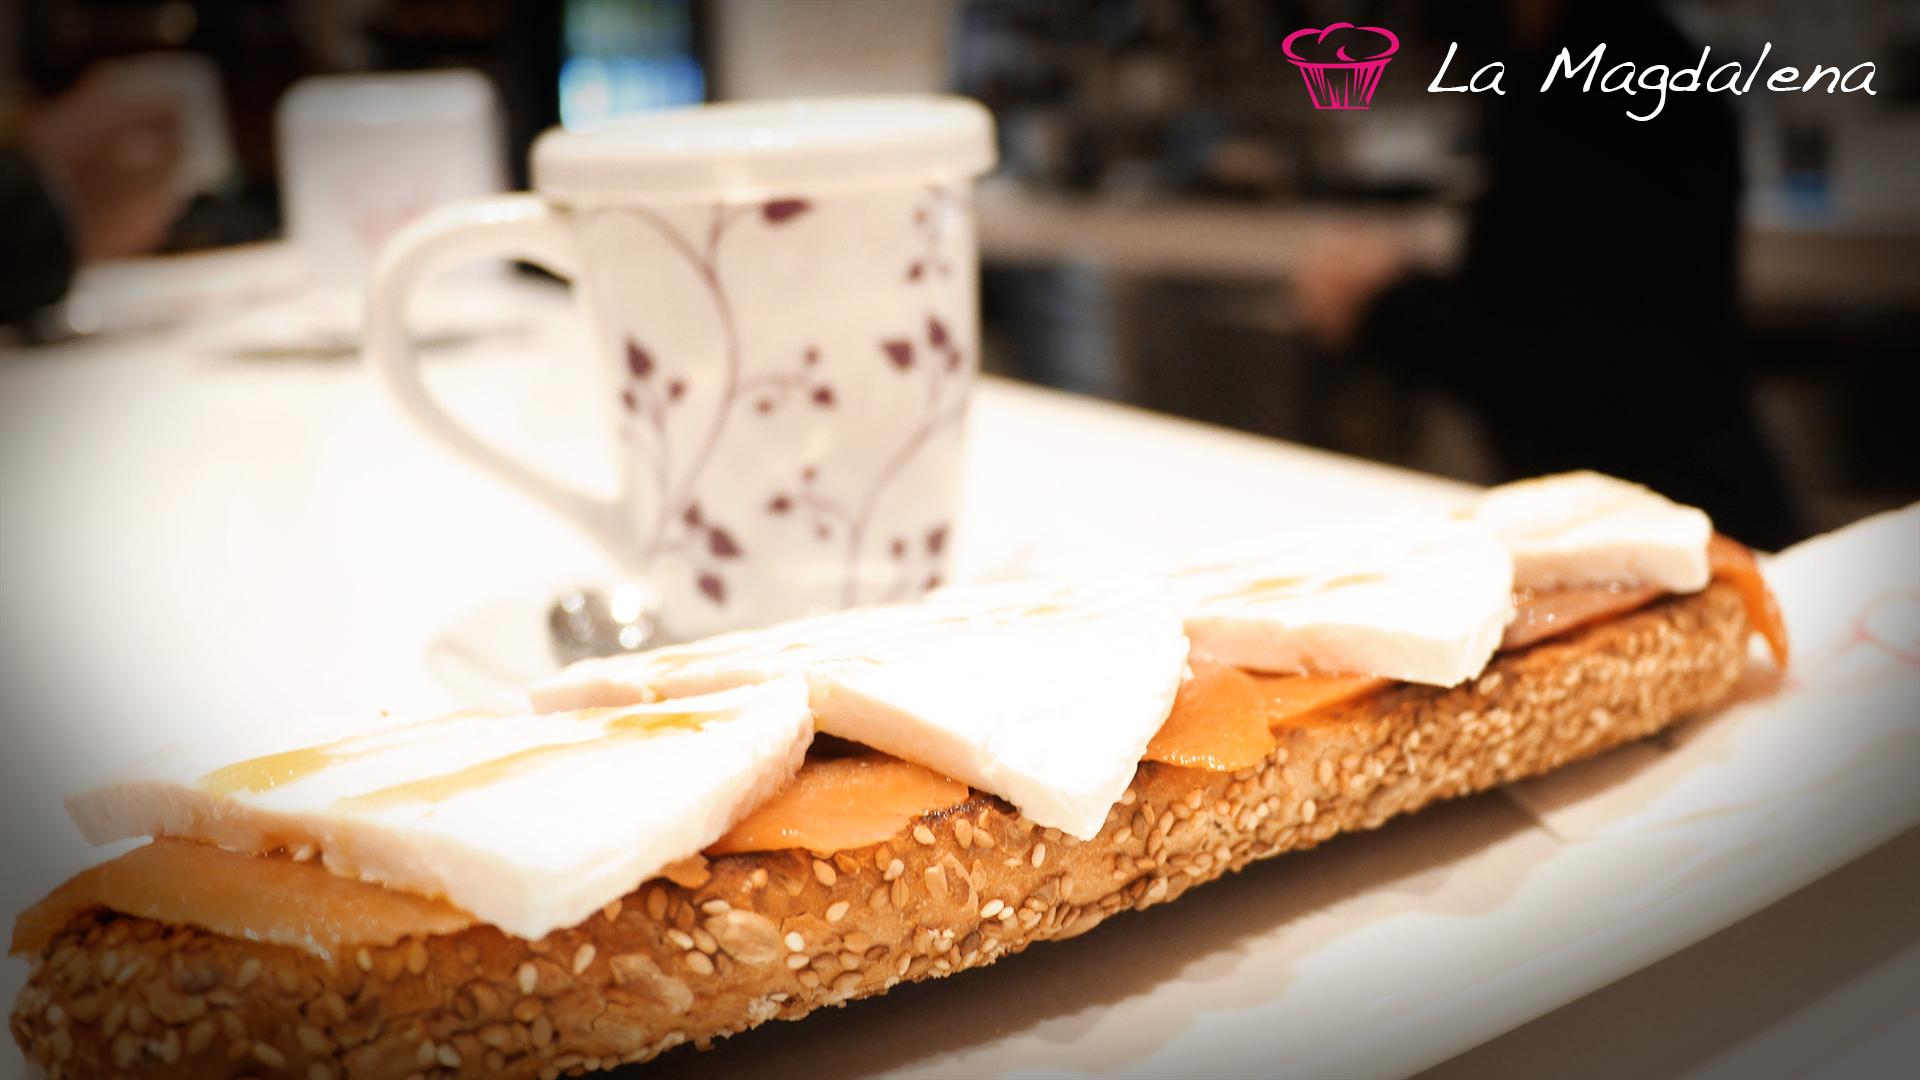 cafeteria-tostada-002